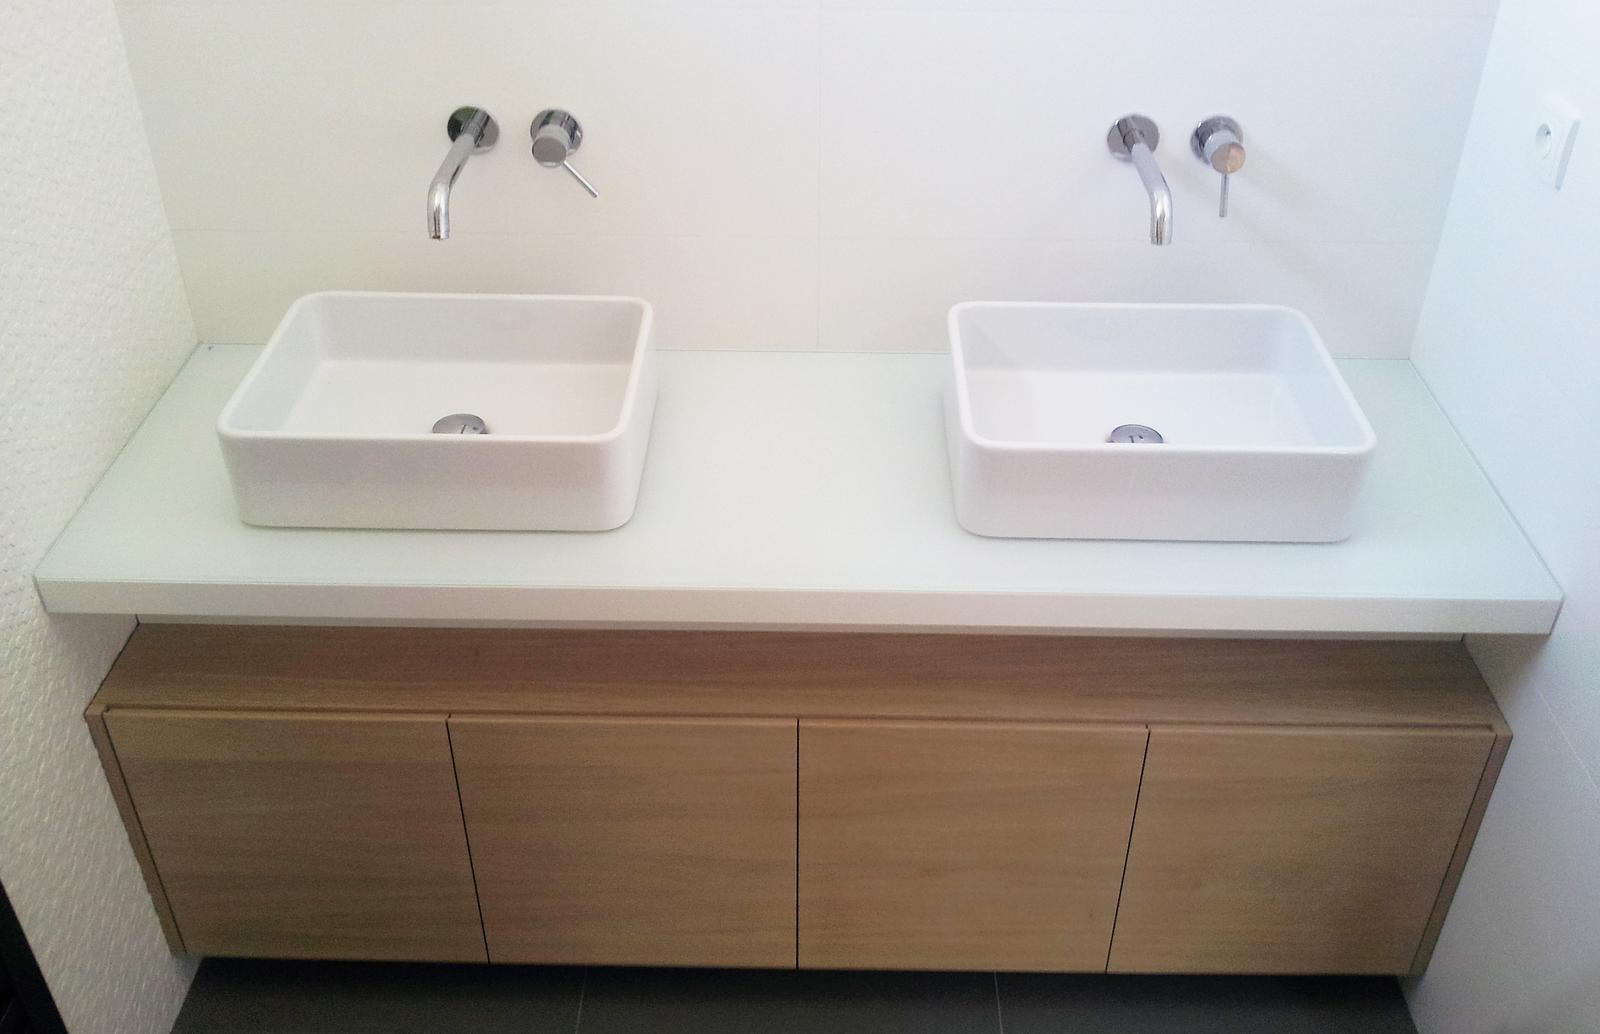 Dizajn a výroba nábytku na mieru Cubica - Kúpeľňová skrinka - výroba cubica